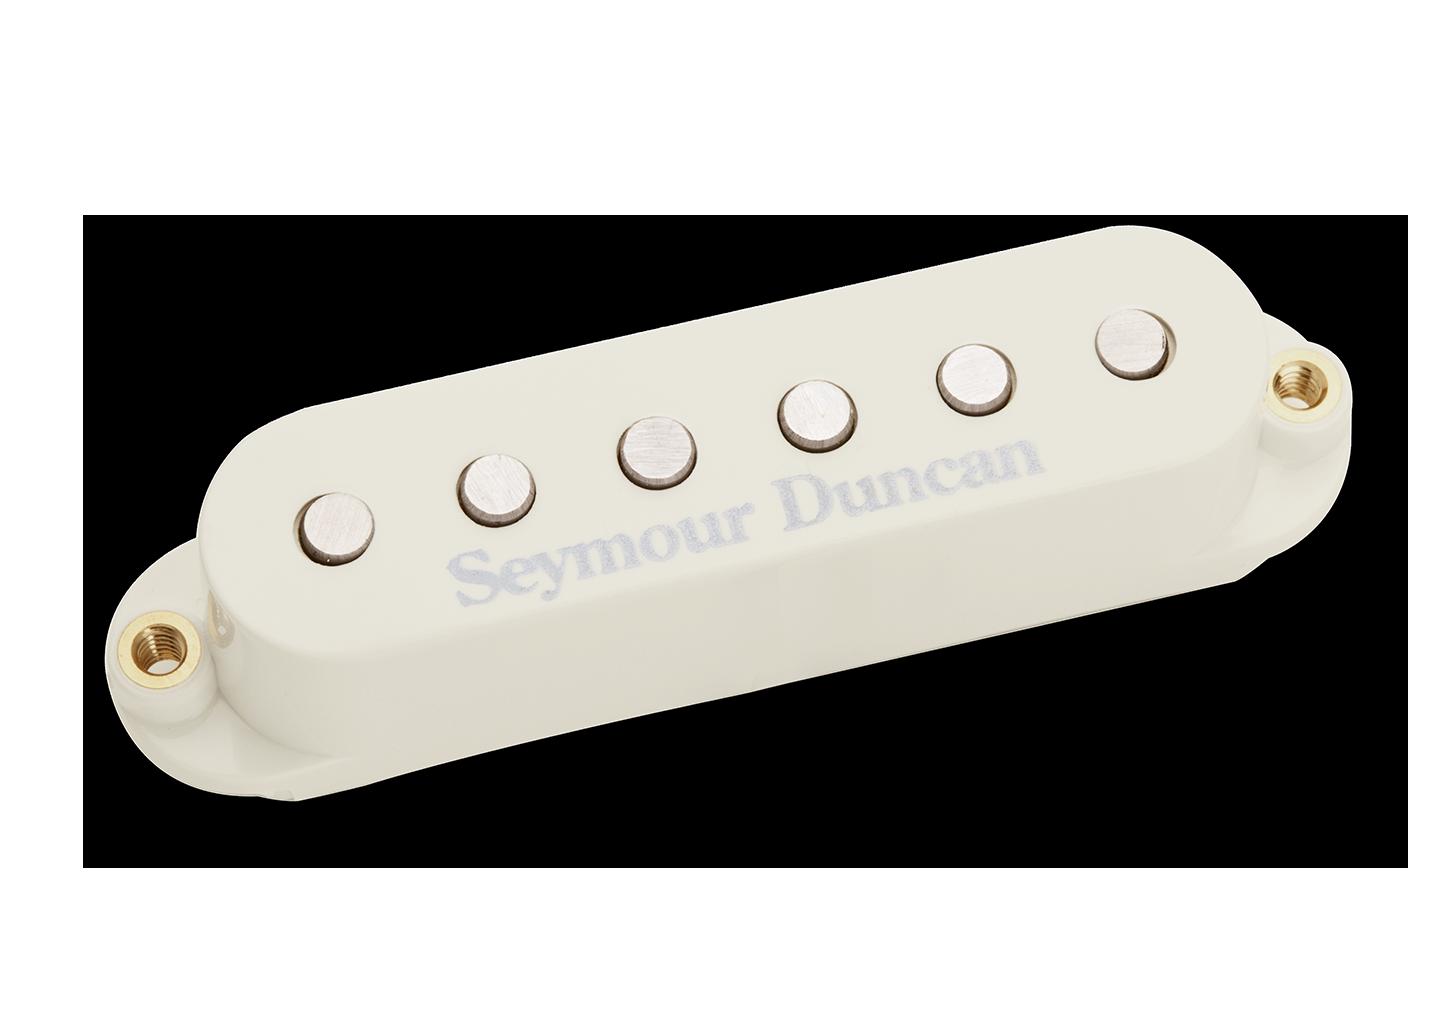 Seymour Duncan Classic Stack Plus Strat STK-S4B - Bridge Parchment